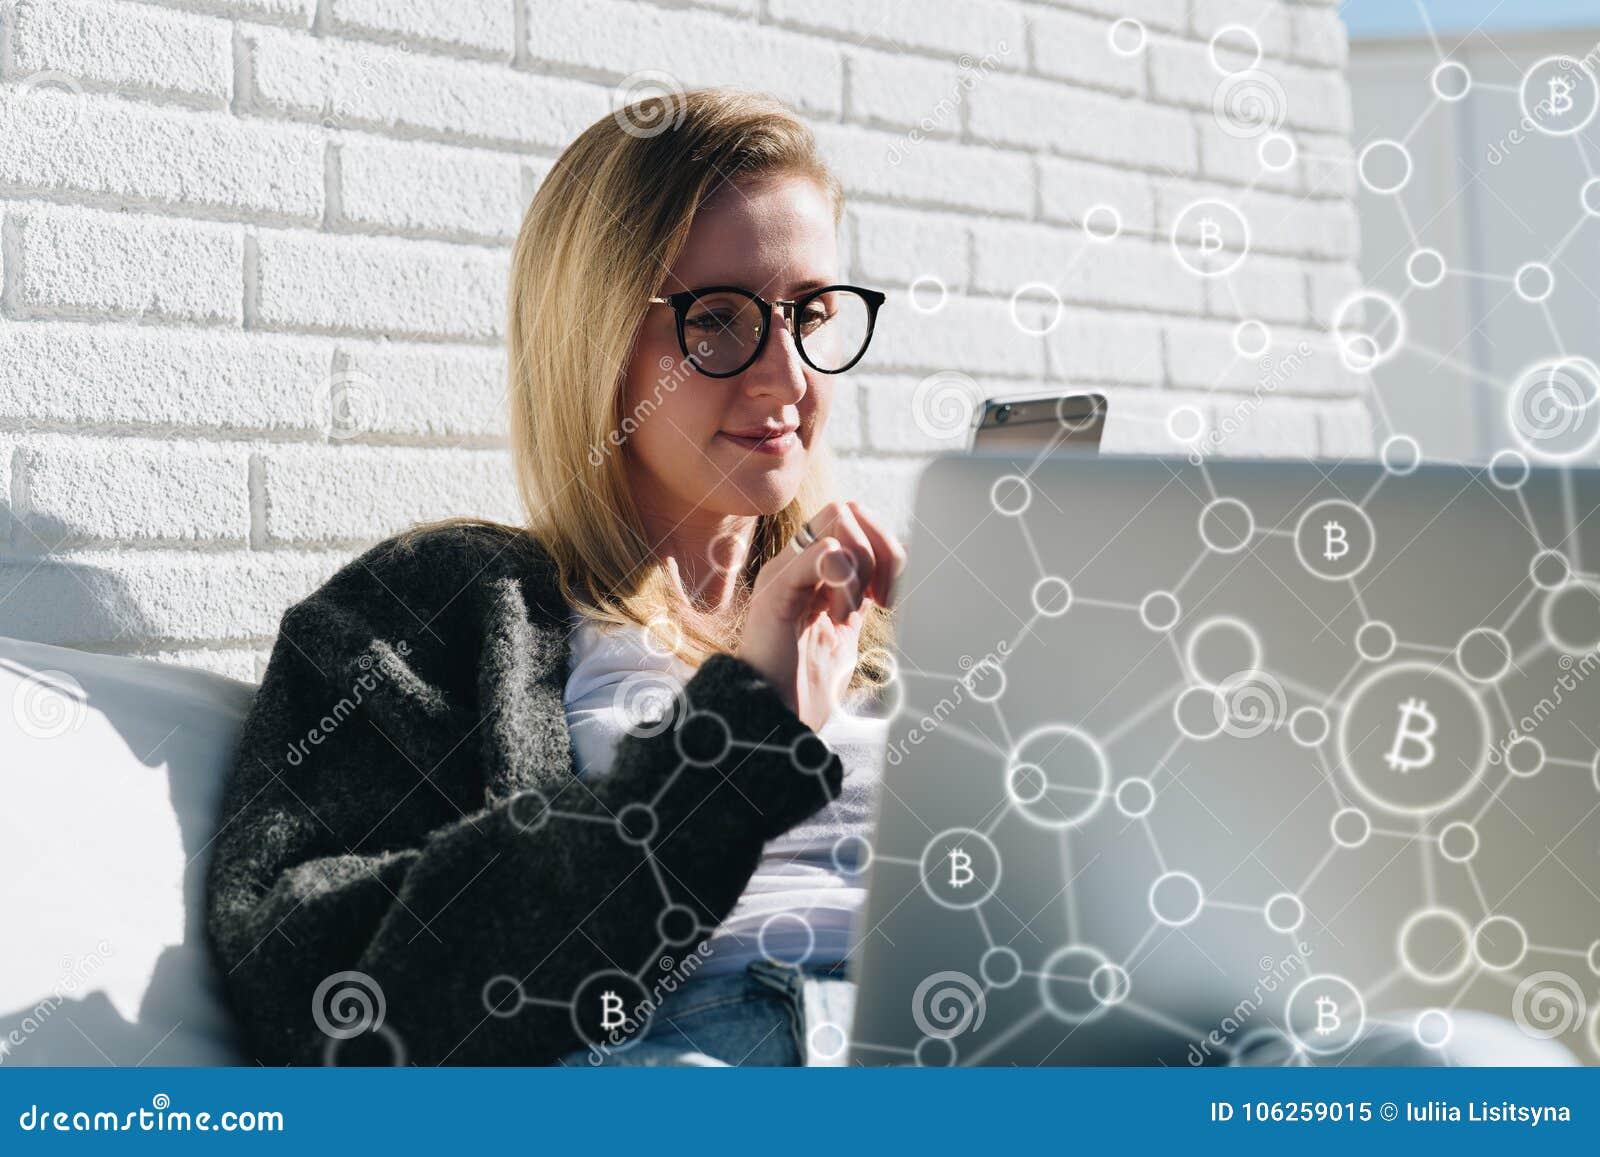 De jonge bedrijfsvrouw in glazen zit bij laptop en gebruikt smartphone In voorgrondinfographics, bitcoin pictogrammen